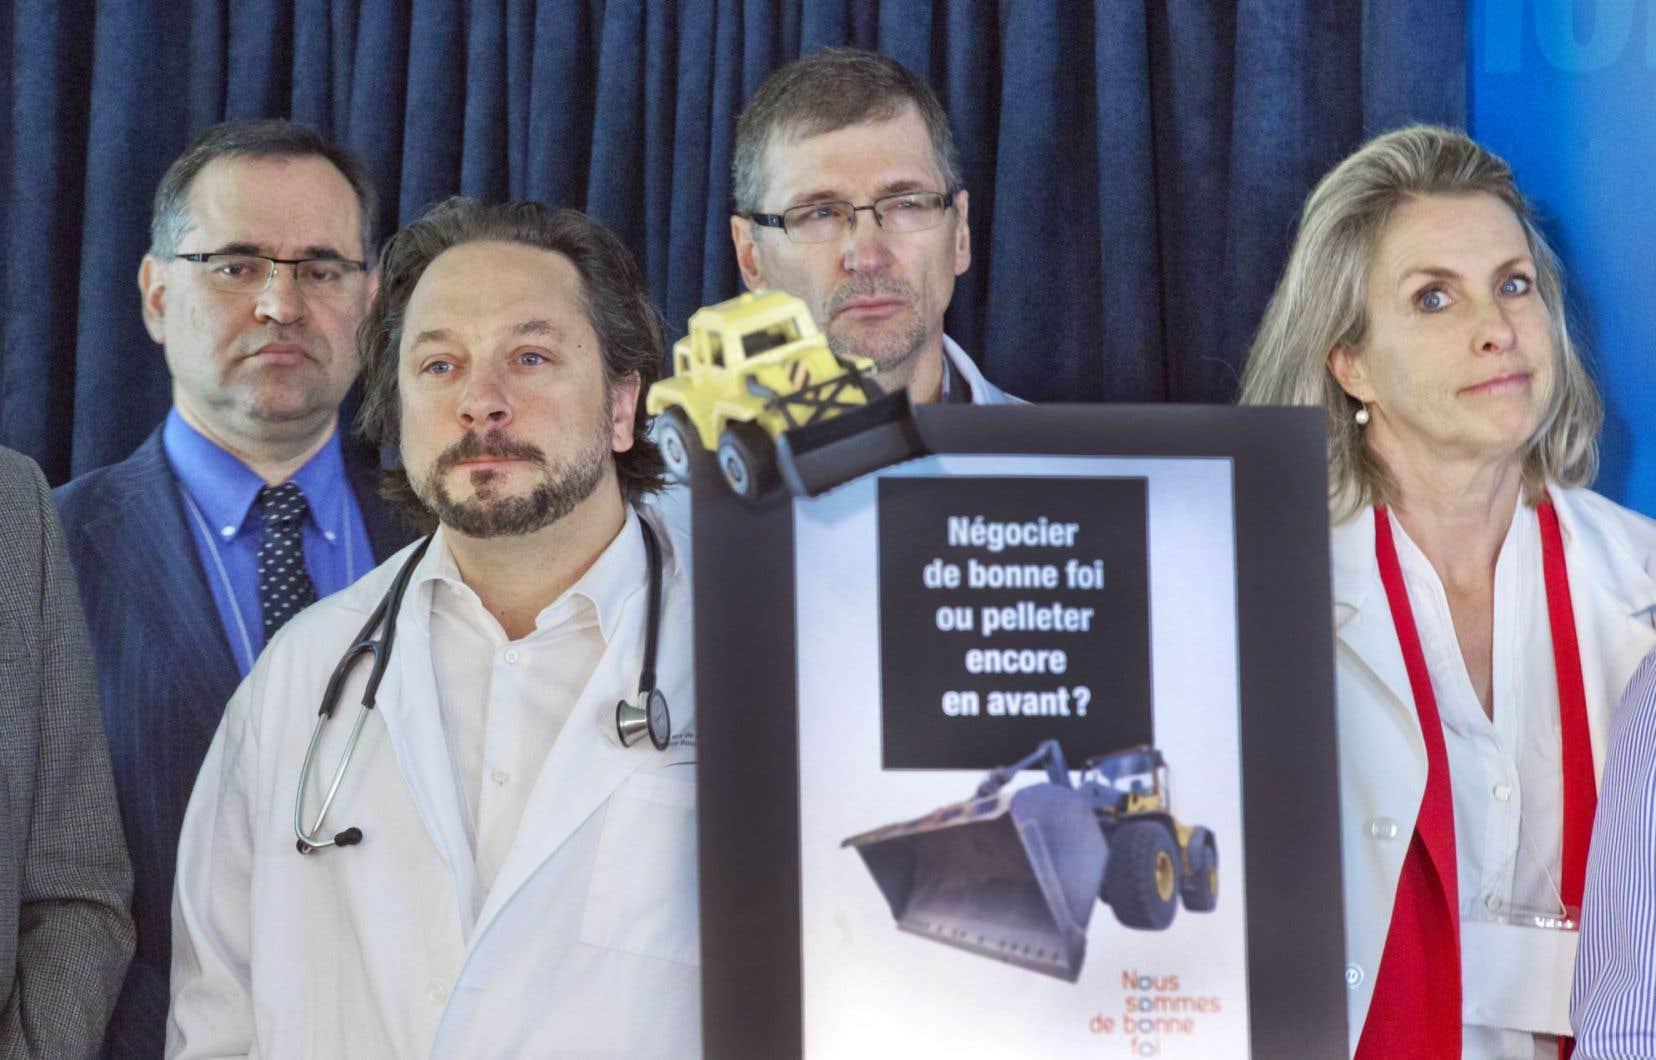 Dans une mise en scène qui se voulait spectaculaire, la Fédération des médecins spécialistes du Québec (FMSQ) a interpellé le premier ministre mercredi.